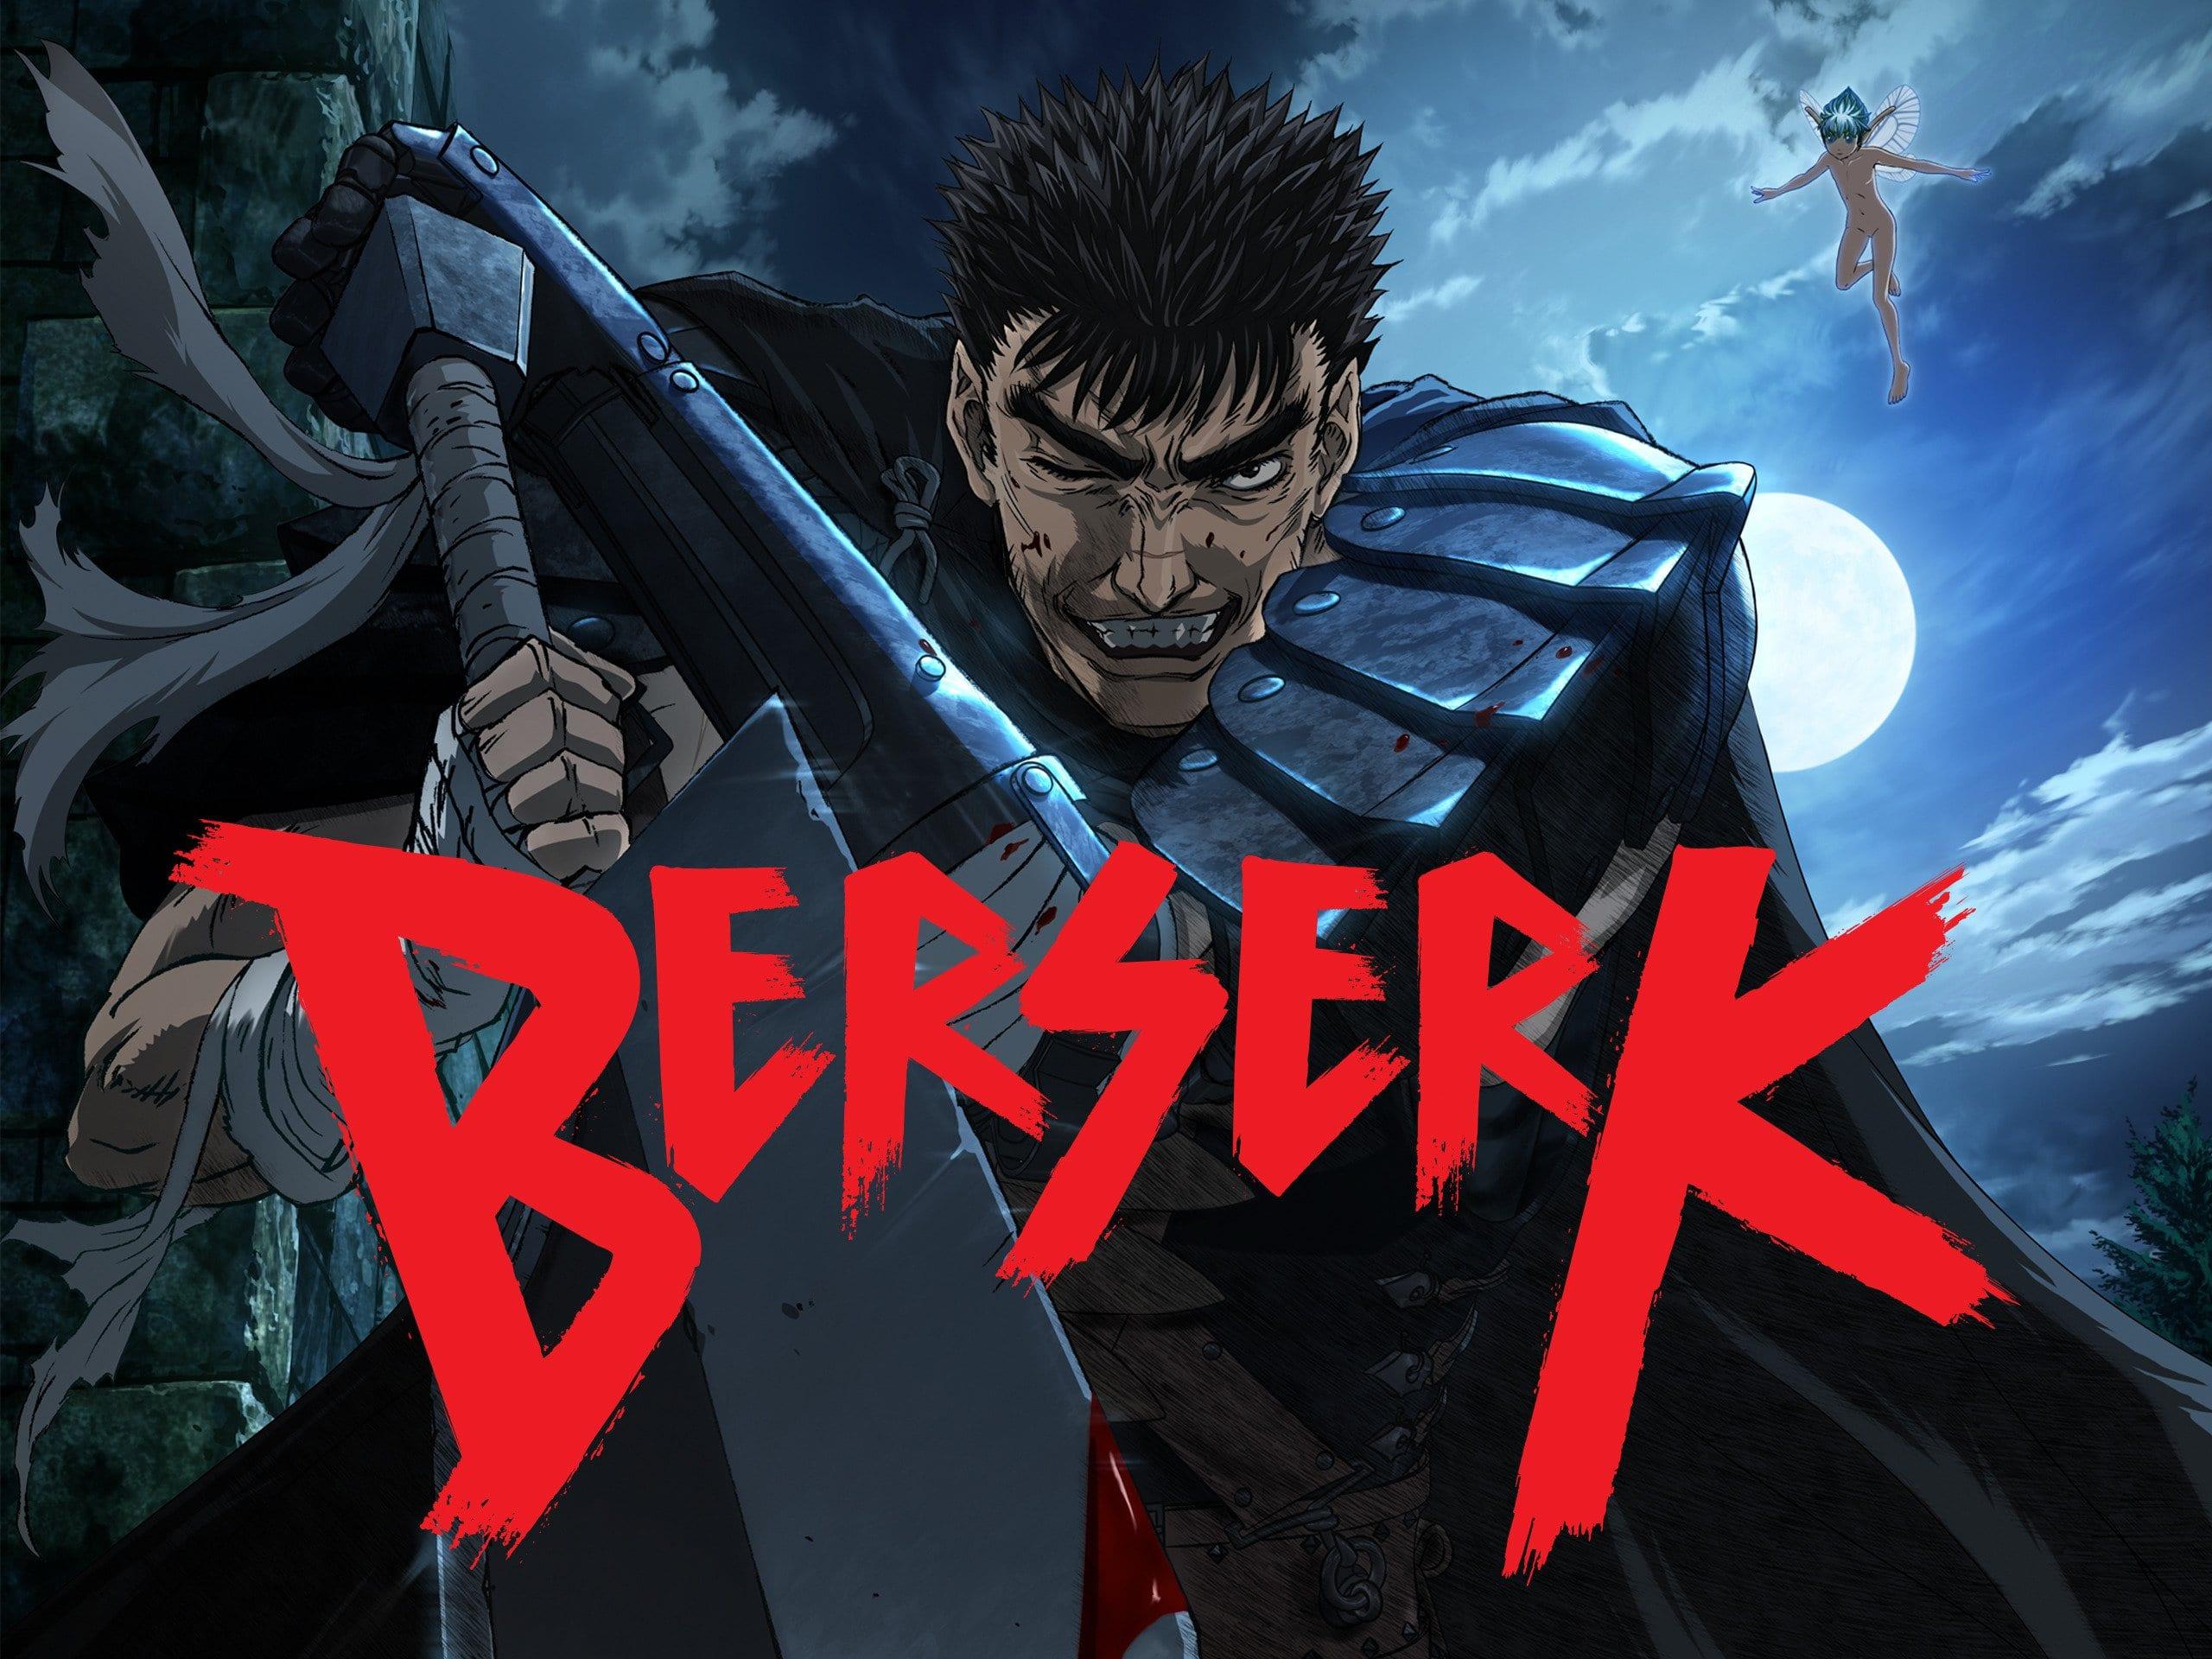 Final Fantasy XIV: i giocatori omaggiano l'autore di Berserk